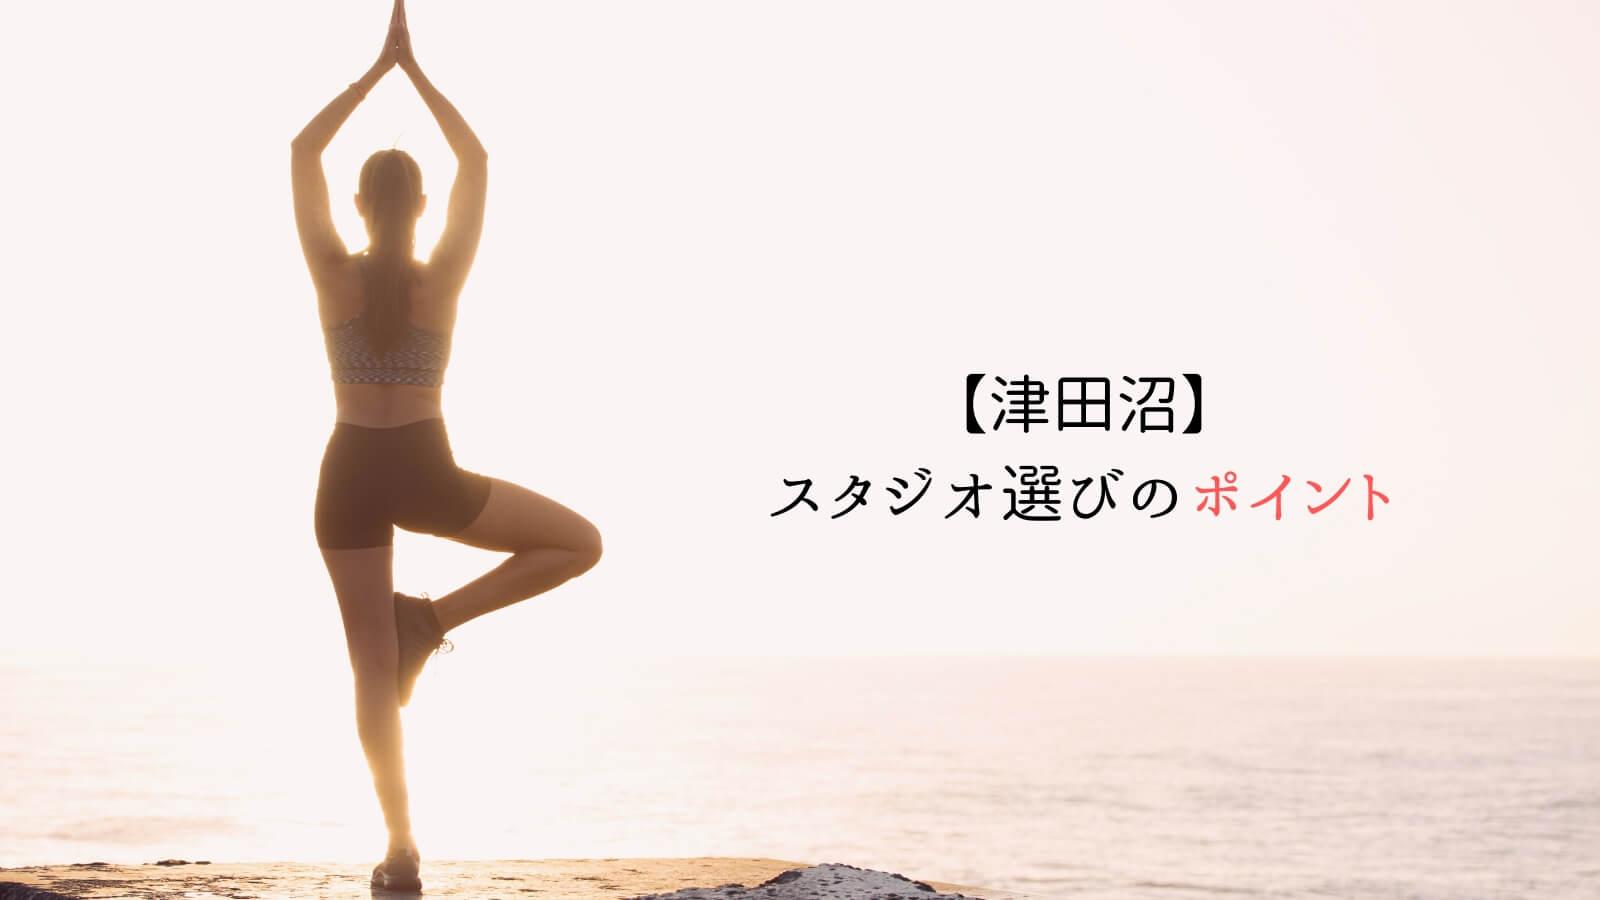 津田沼のヨガ・ピラティススタジオ選びのポイント